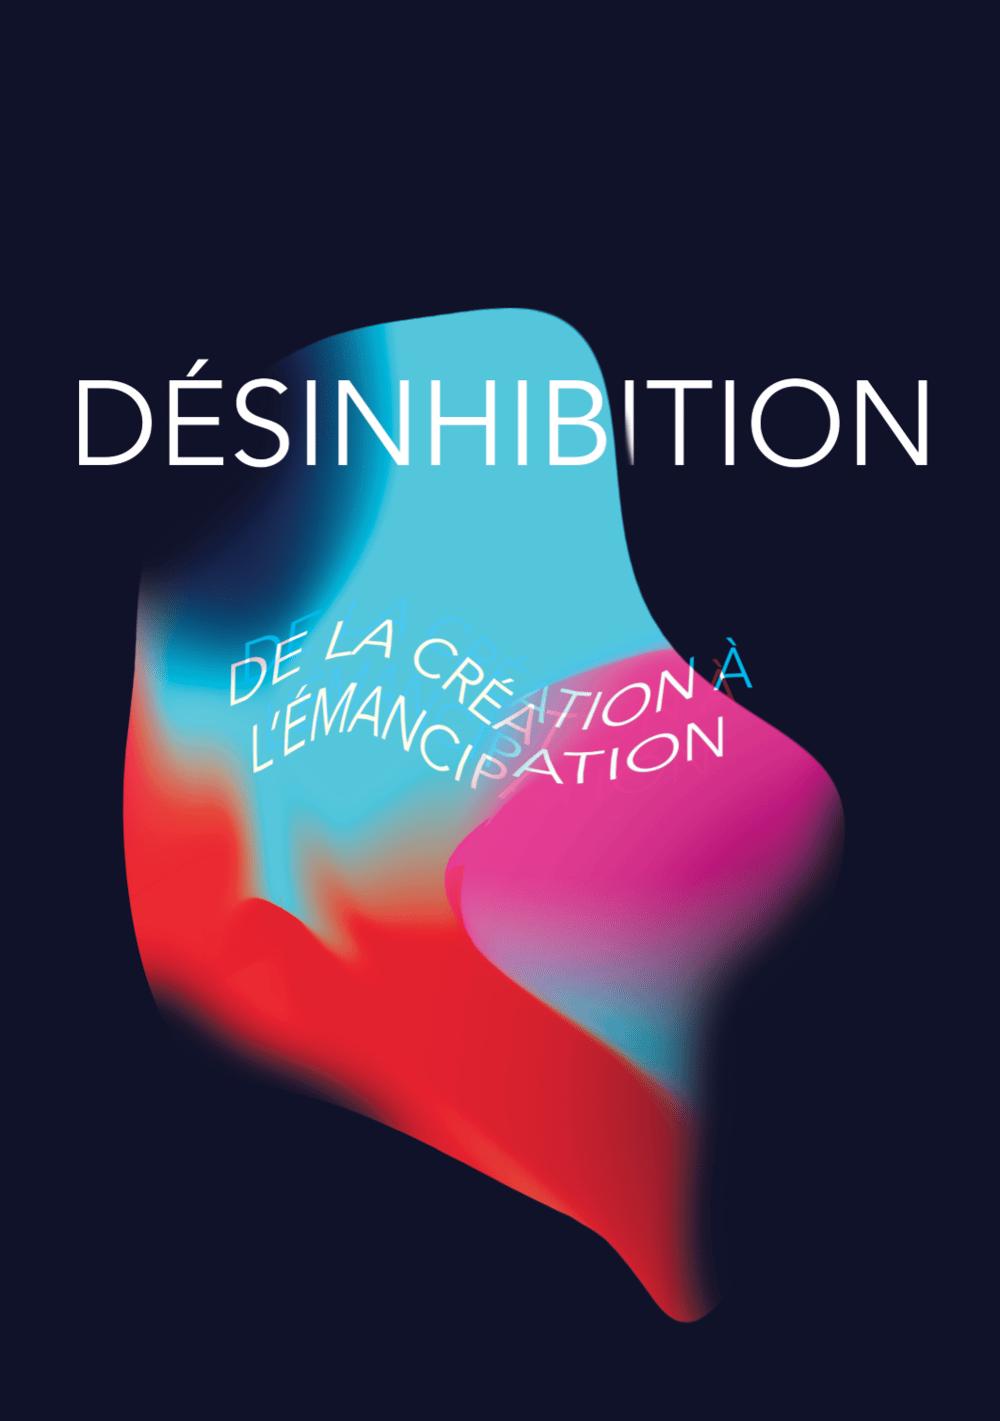 désinhibition - image 1 - student project